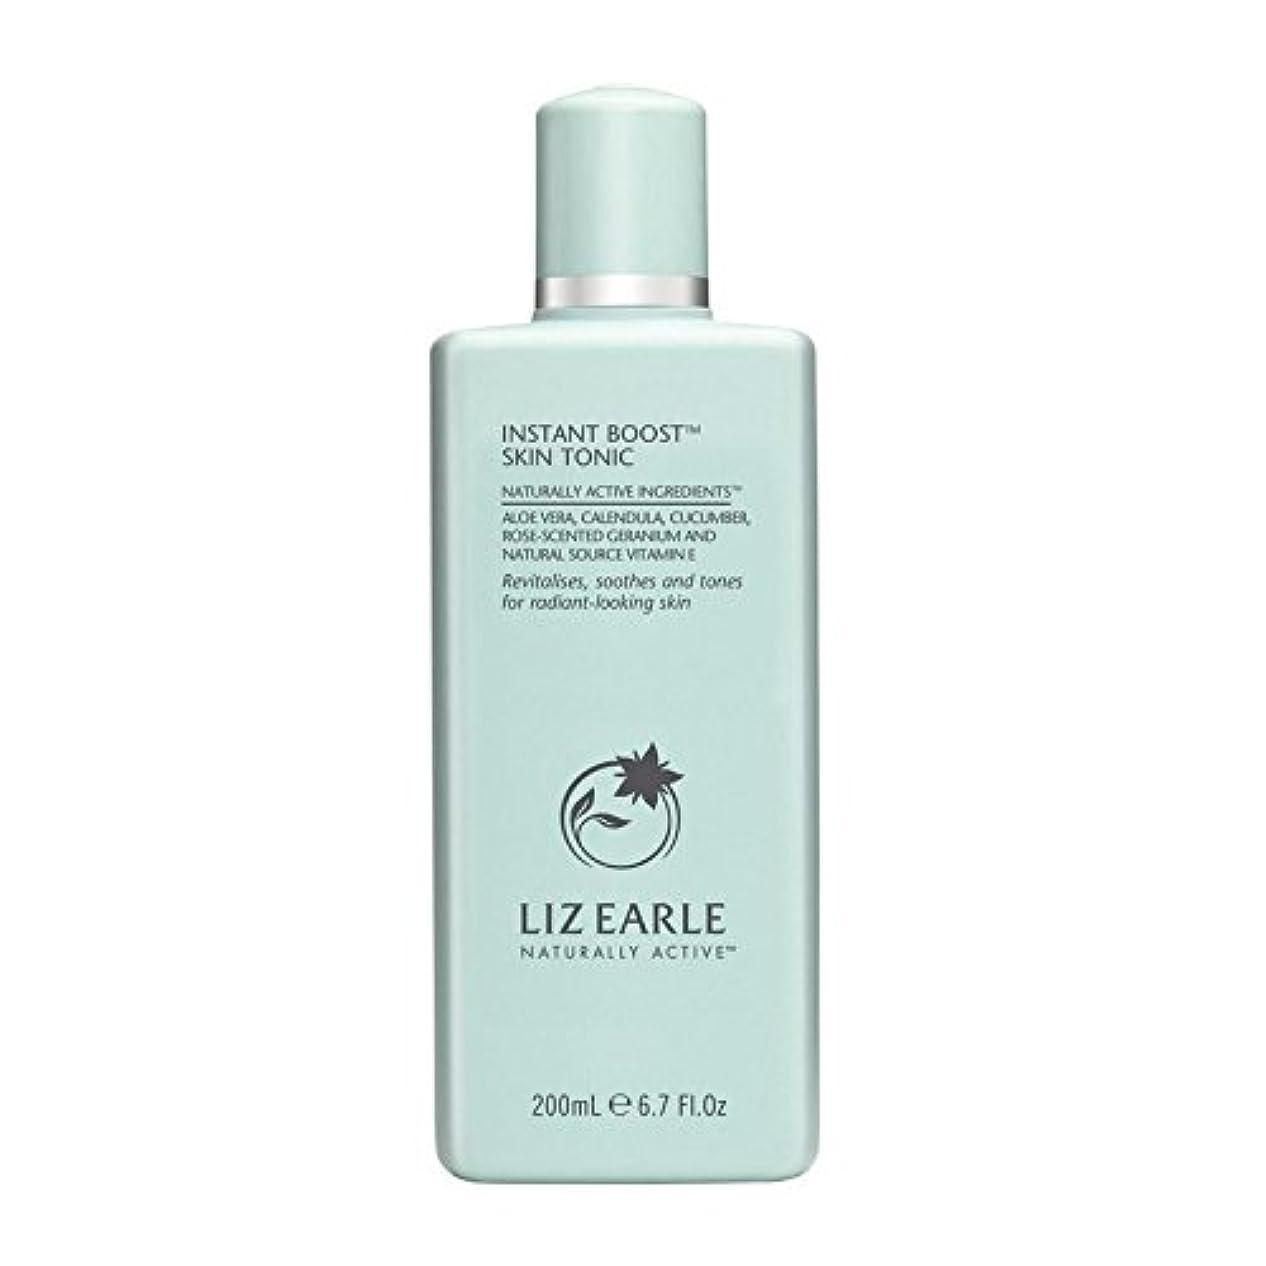 解明する最初は深くLiz Earle Instant Boost Skin Tonic Bottle 200ml - リズアールインスタントブーストスキントニックボトル200ミリリットル [並行輸入品]